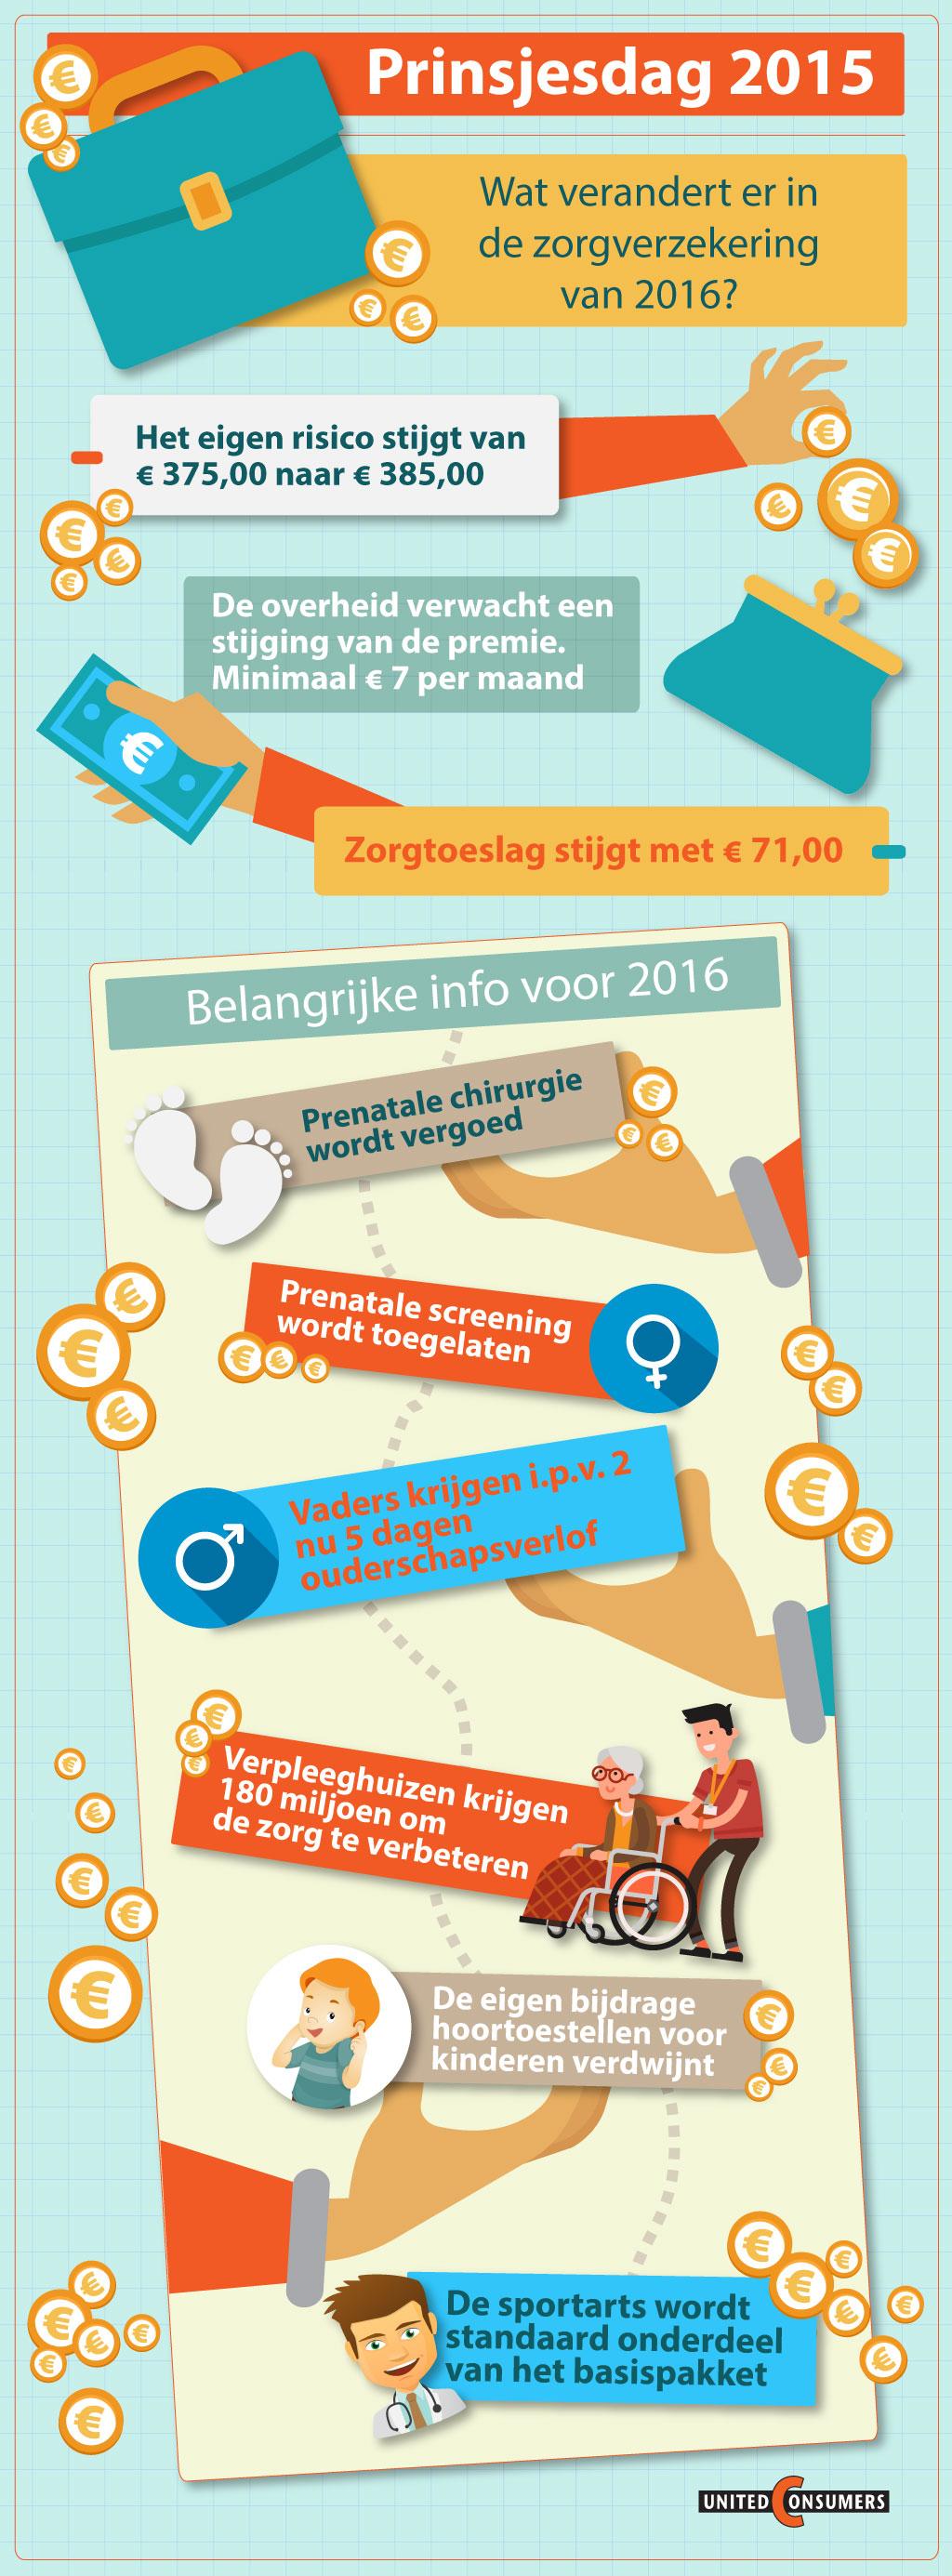 Infographic-Verandering-zorgverzekering-2016